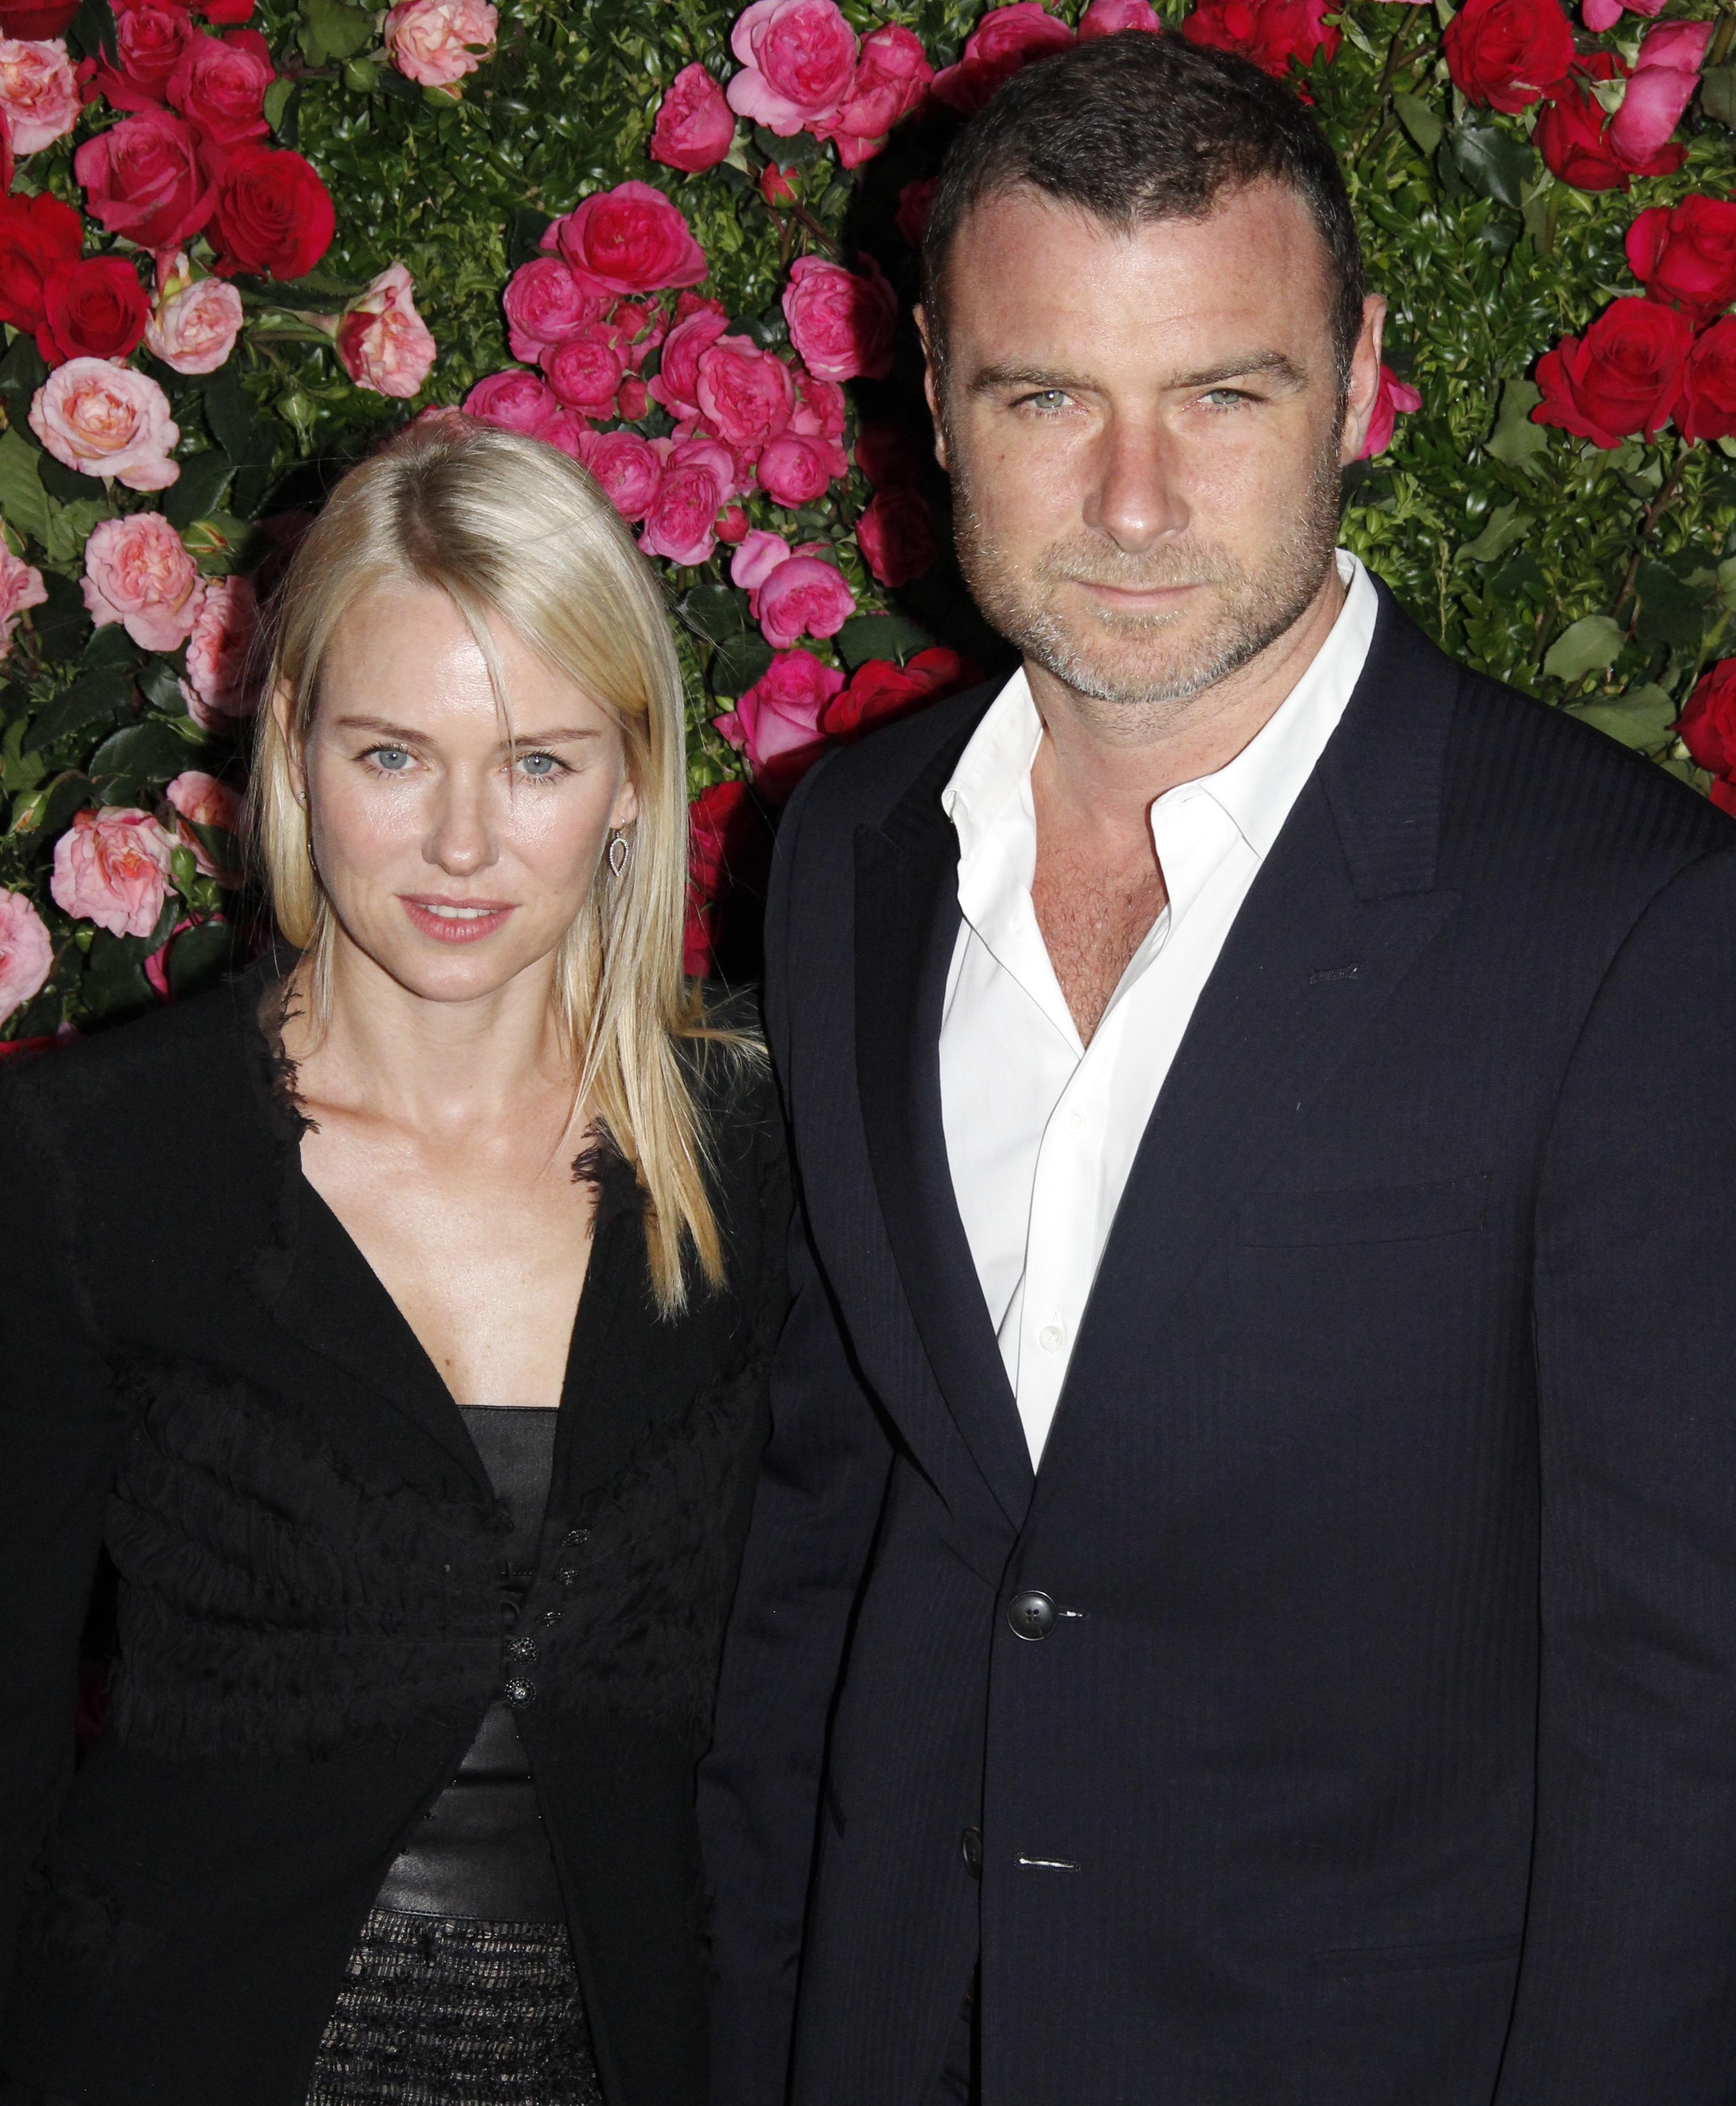 File:Naomi Watts, Liev Schreiber.jpg - Wikipedia